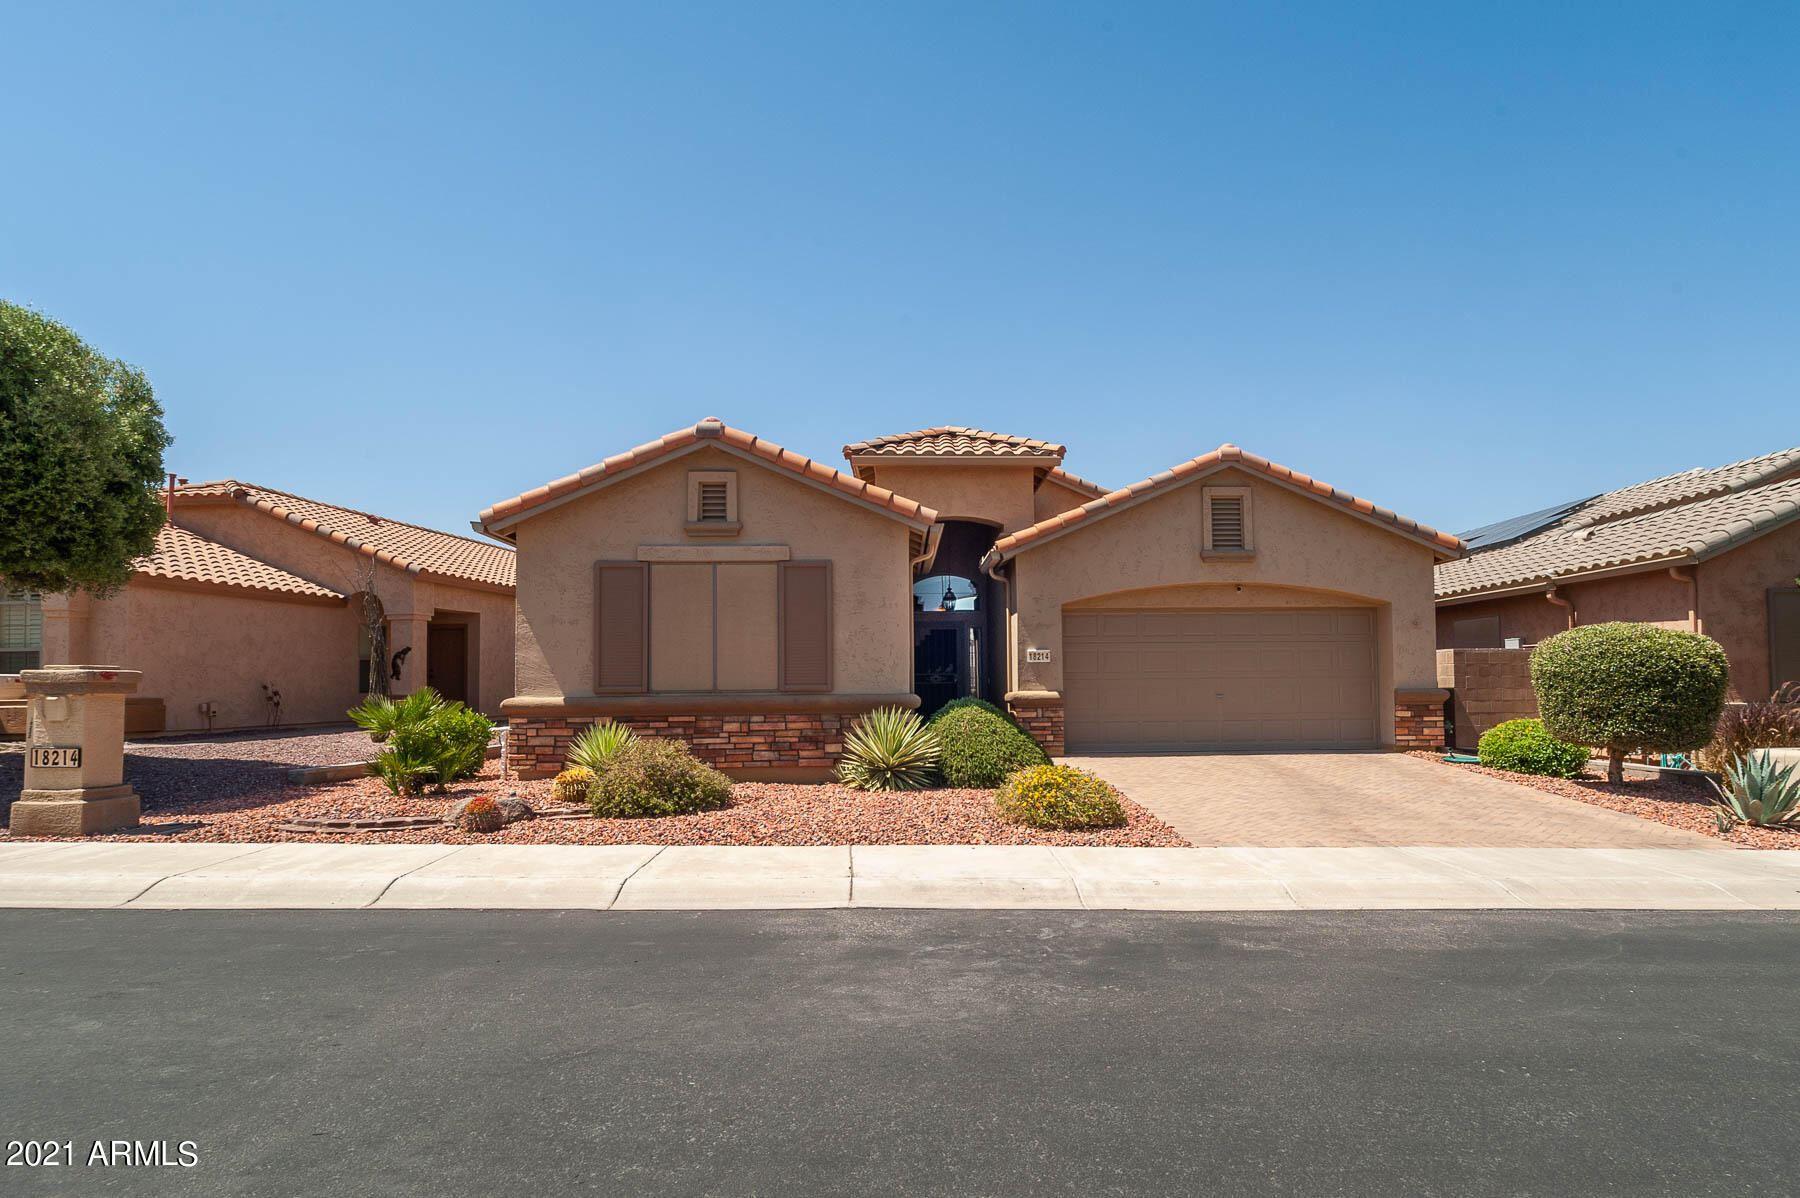 18214 W SPENCER Drive, Surprise, AZ 85374 - MLS#: 6235811